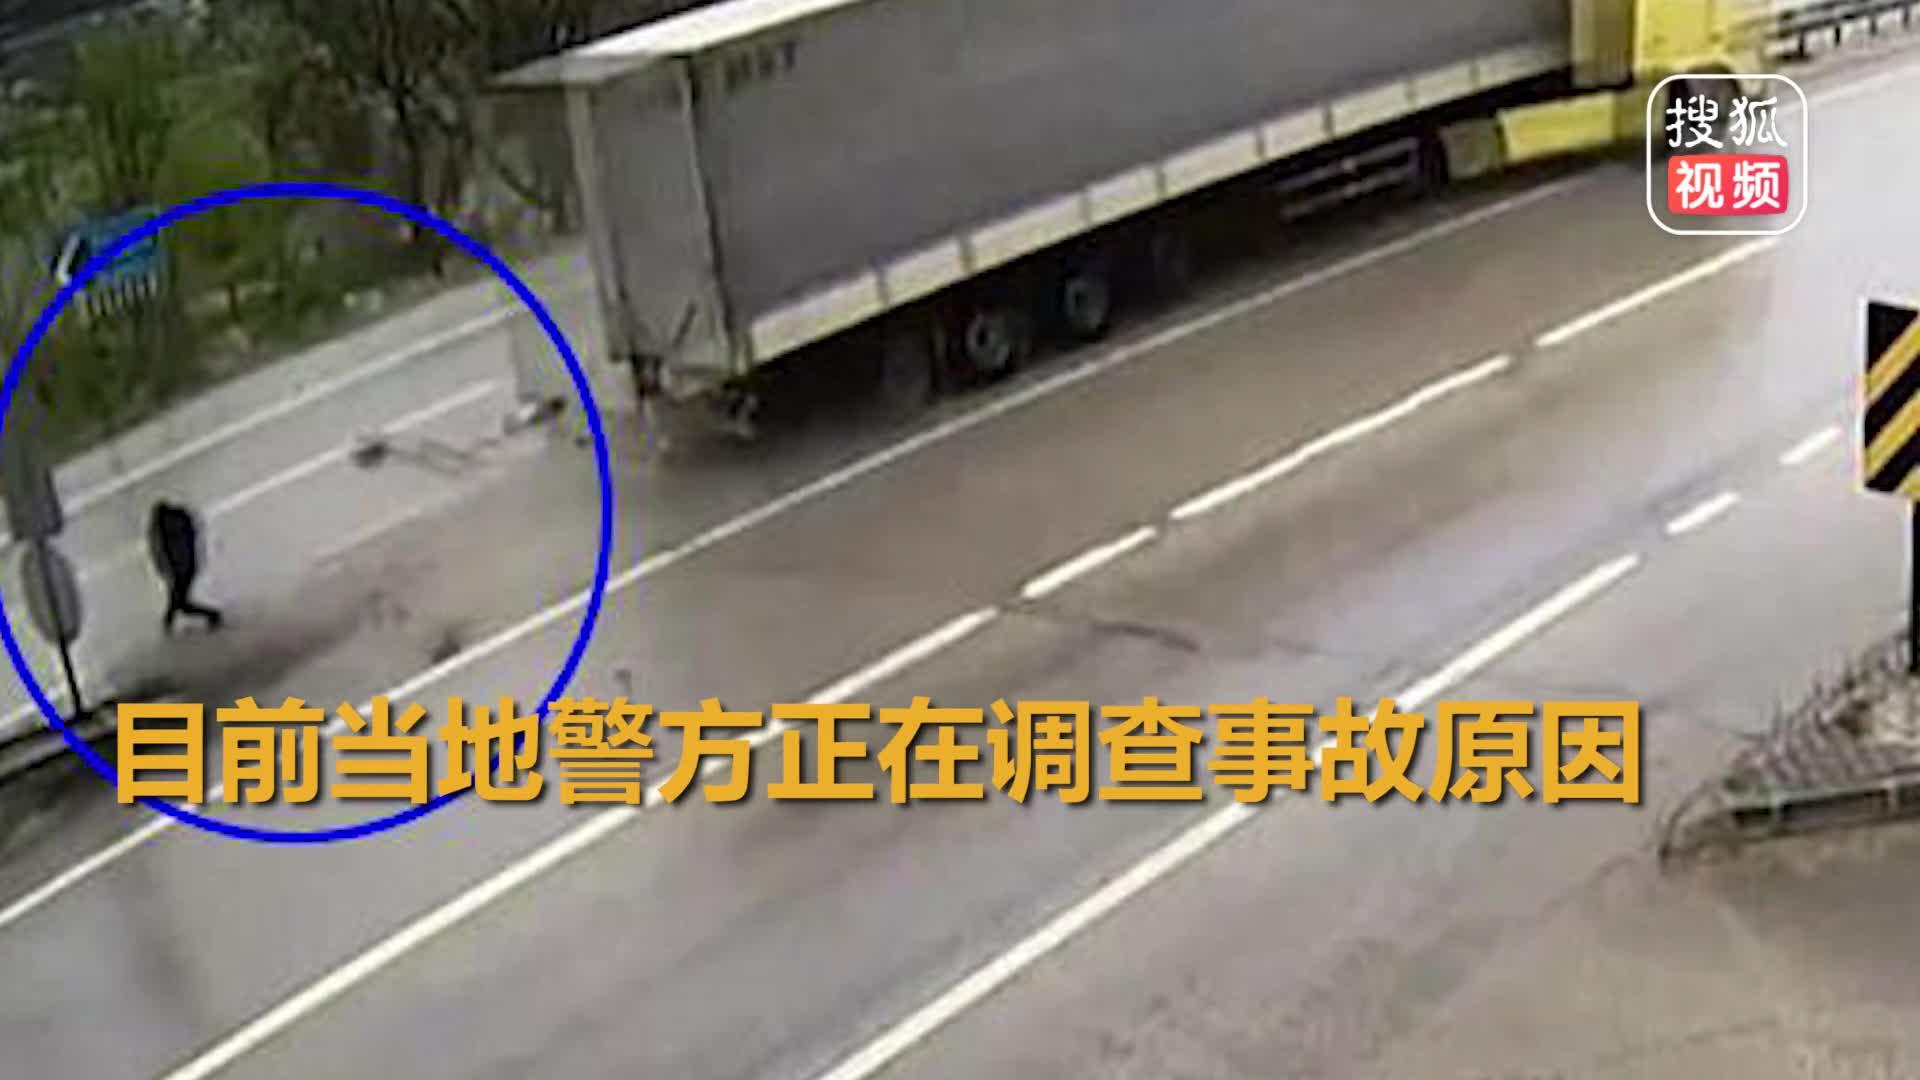 """[视频]男子横跨马路遇失控卡车 """"神走位""""与死神擦肩而过"""